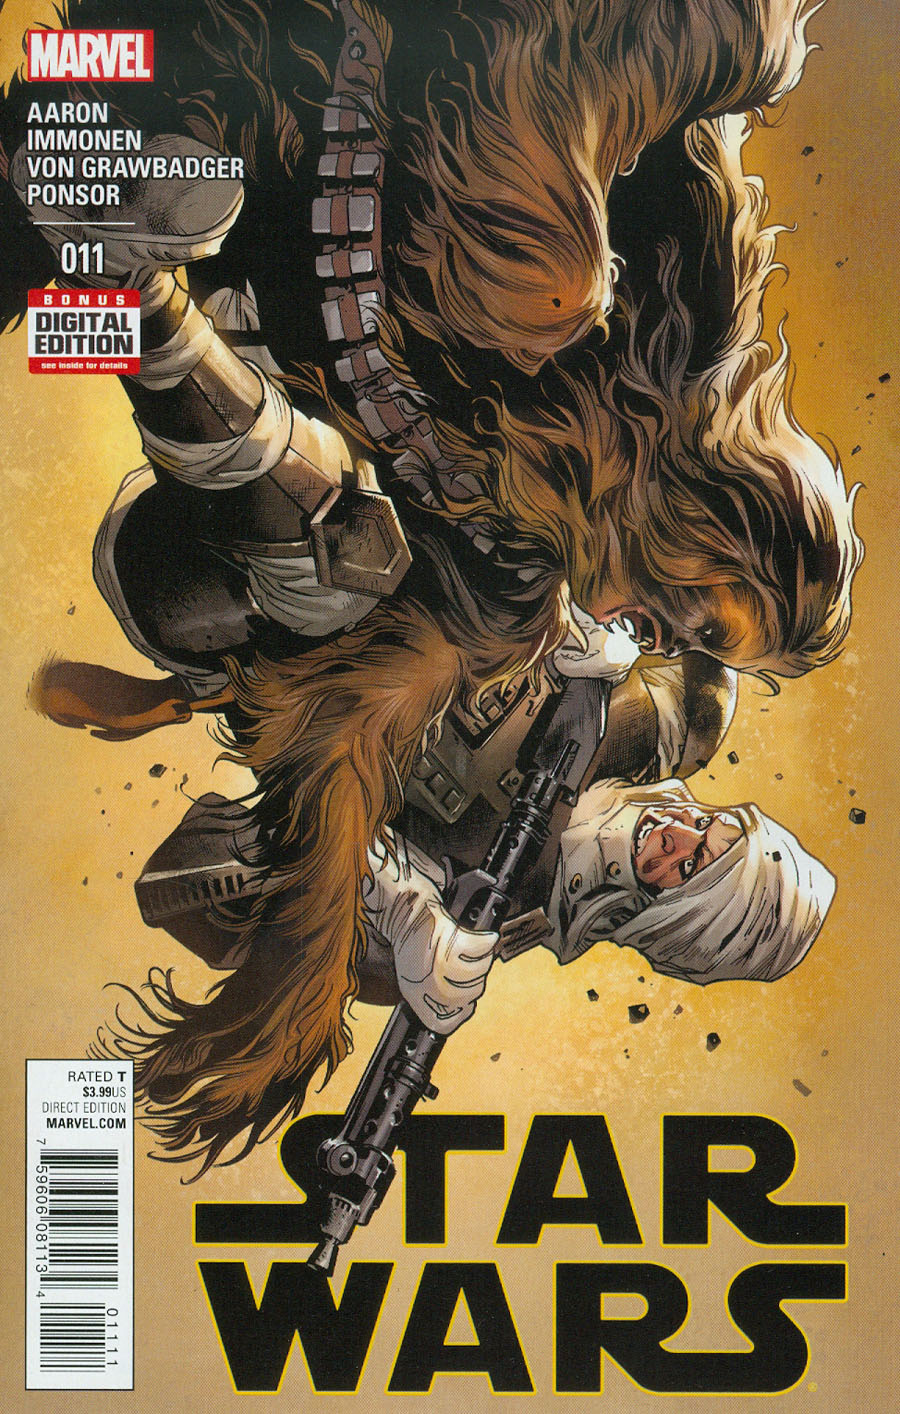 Star Wars Vol 4 #11 Cover A Regular Stuart Immonen Cover